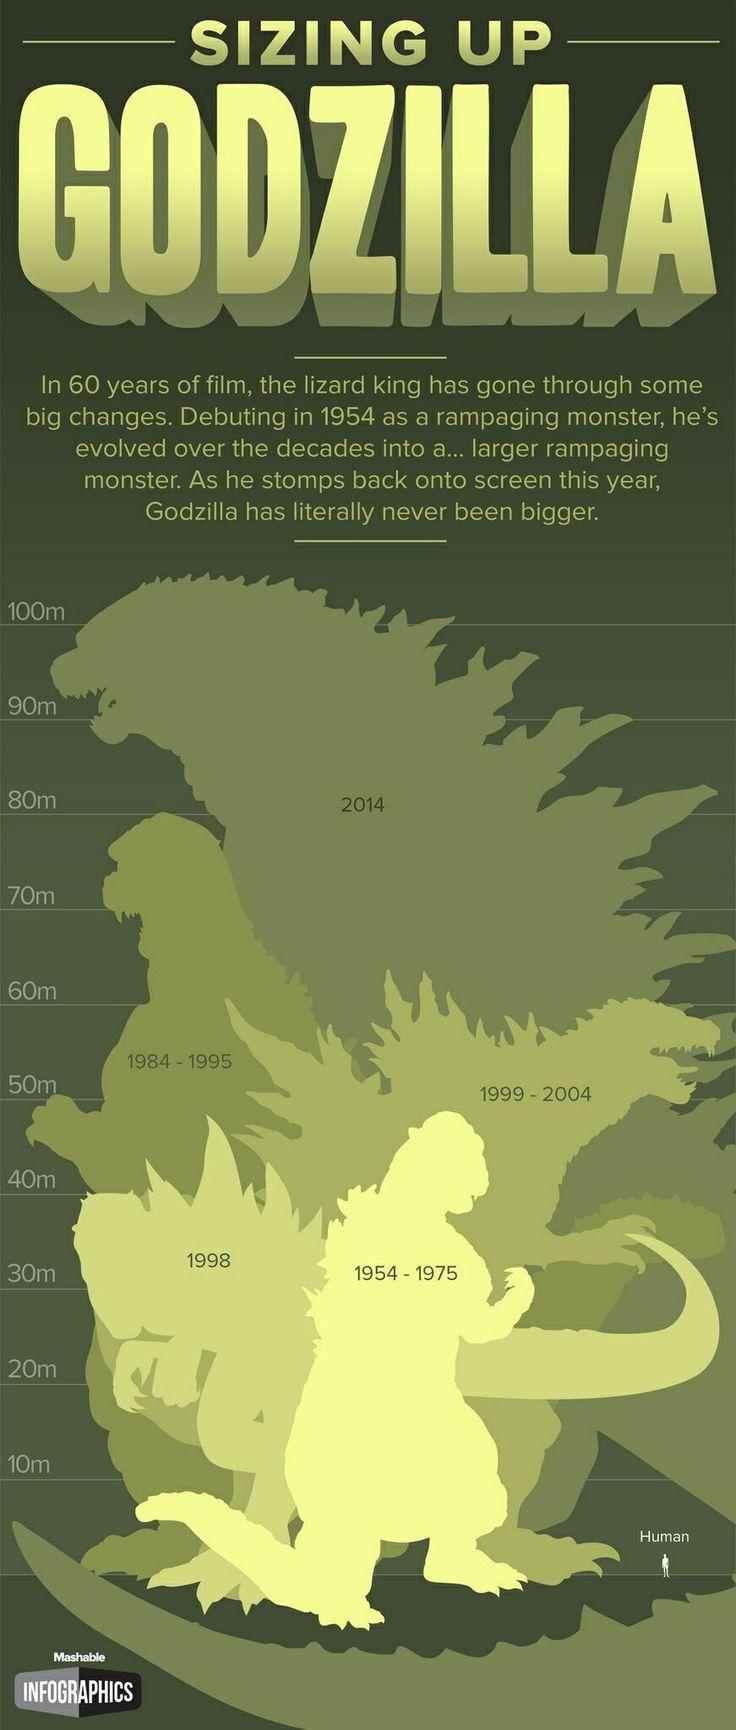 Godzilla sizes though all of the Godzilla moves